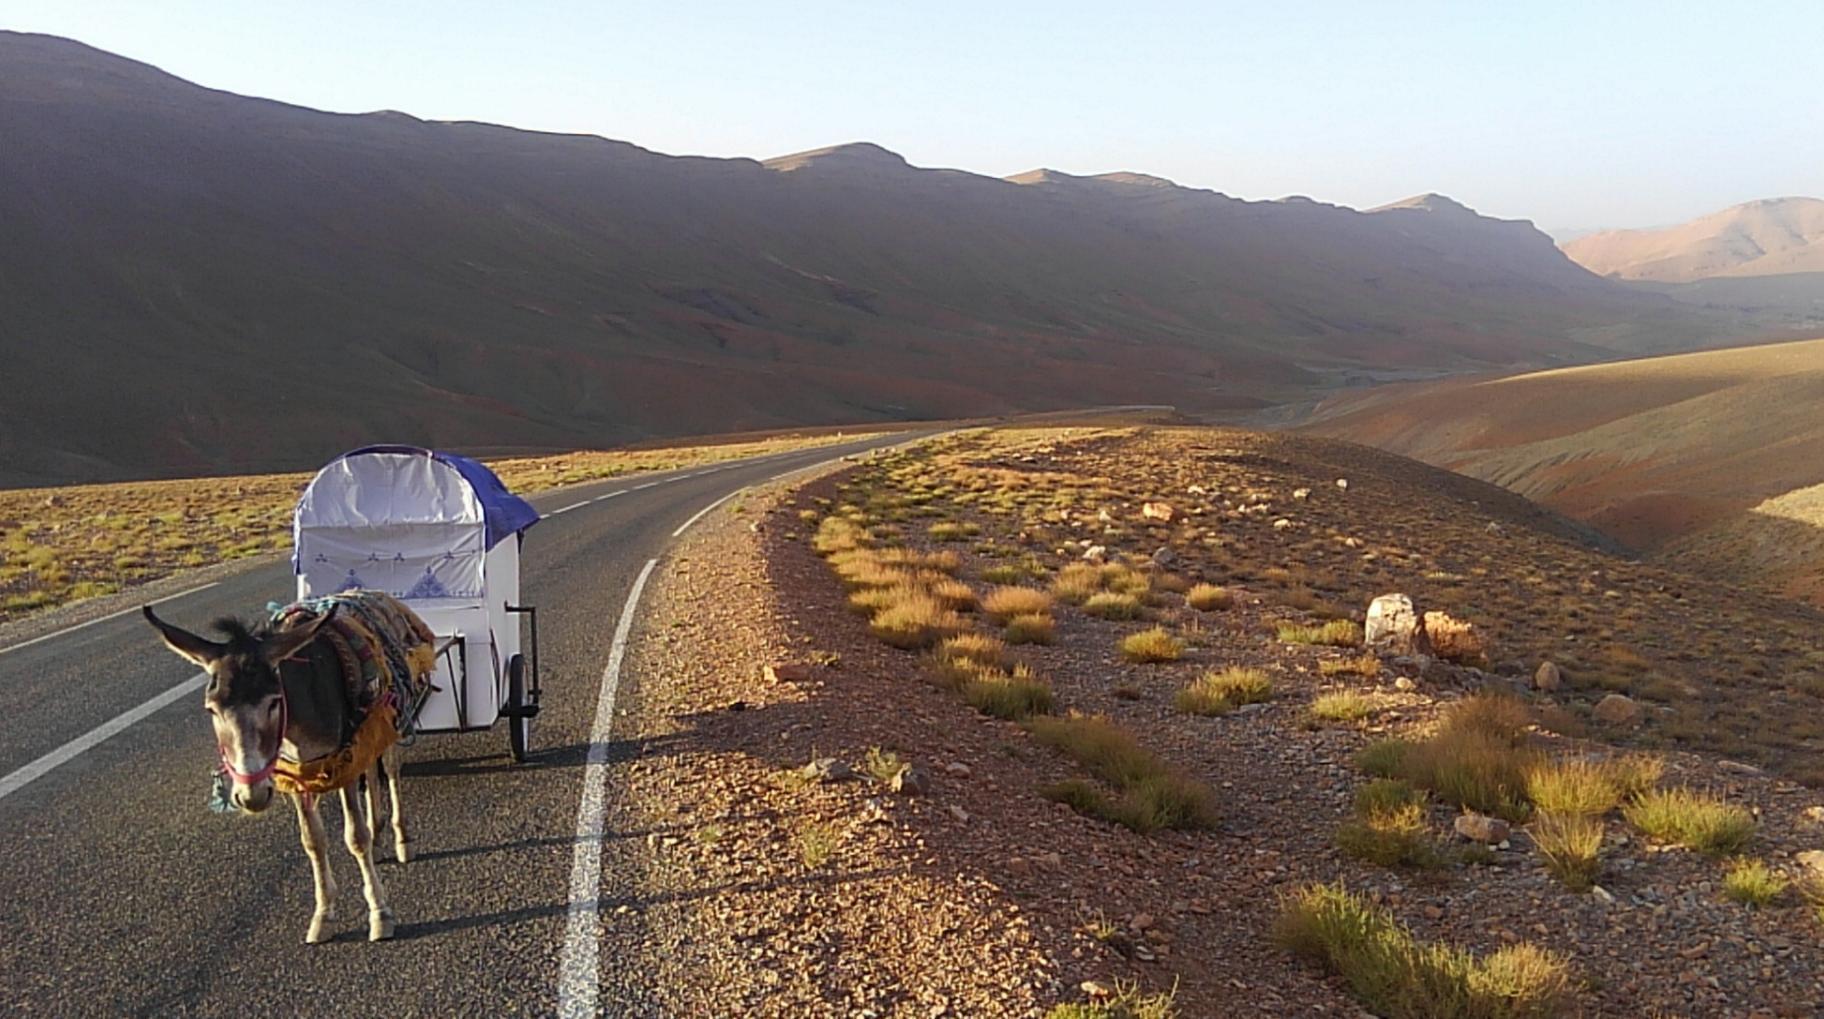 旅行写真アフリカひとり旅してきたので写真貼ってくTweetトーマスみたいなSLに乗りたくてイギリス行ってきたので写真貼ってくTweet【ねこキャン△】猫とキャンプに来てみた【もちろん初心者】Tweet行商人やキャラバンに憧れたからモロッコでロバと一緒に放浪の旅を始めたバカだけど【別れ編】Tweet行商人やキャラバンに憧れたからモロッコでロバと一緒に放浪の旅を始めたバカだけど【出会い編】Tweetアフリカの熱帯雨林でピグミー族と一緒に自給自足生活することになったバカだけどTweetラクダと一緒に旅しようとしたら民族性の違いだけで殺されかけたバカだけどTweetワイが今まで旅行した中のオススメで打線組んだwwwwwwwwTweet雲南、台湾、ベトナムのご飯、時々猫画像Tweet夏が終わる前に風鈴写真を貼っていく【伊万里風鈴まつり】Tweet雰囲気ありまくりな鳥居のある白赤稲荷神社Tweet那須どうぶつ王国行ってきたよTweet娘(人形)と一緒に一泊二日の東京旅行してきたで!Tweet鬼ヶ島と猫島に行ったからうpしてやんよwTweet【滋賀県猫島?】沖島行ってきた(福井の猫寺も)Tweet自転車で外国走ってきた(アジア編)Tweet掛川花鳥園に行ってきたTweetポンジュースダンボーと四国周ってきたTweet自転車で外国走ってきた(アフリカ編)Tweet自転車で外国行ってきた(アラスカ編)Tweet